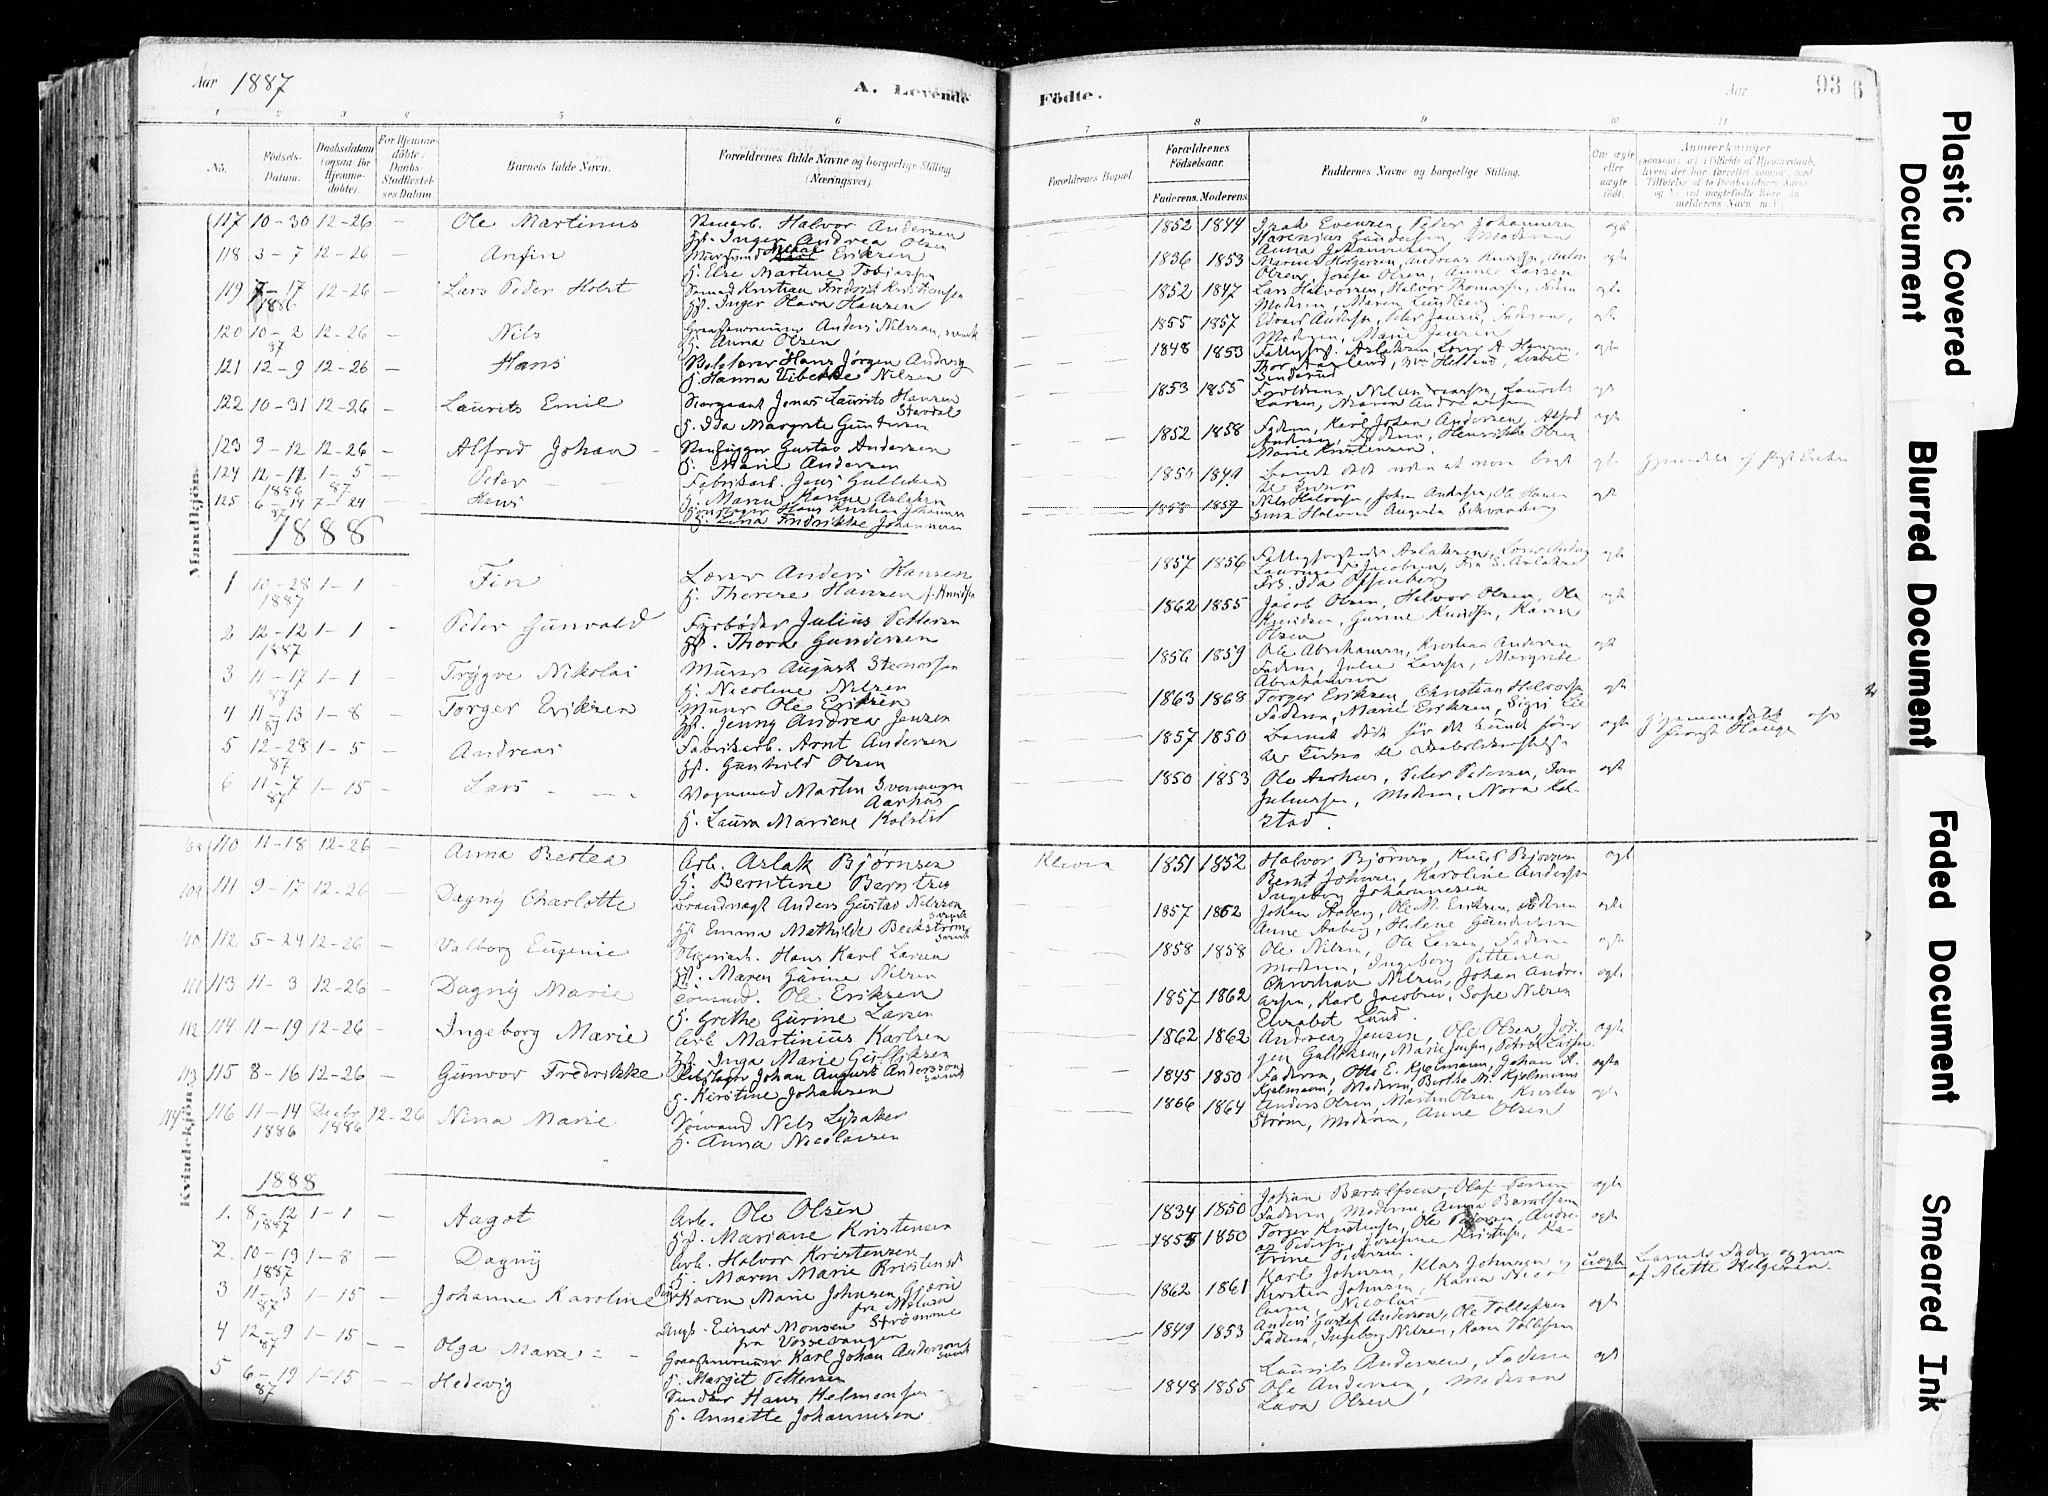 SAKO, Skien kirkebøker, F/Fa/L0009: Ministerialbok nr. 9, 1878-1890, s. 93